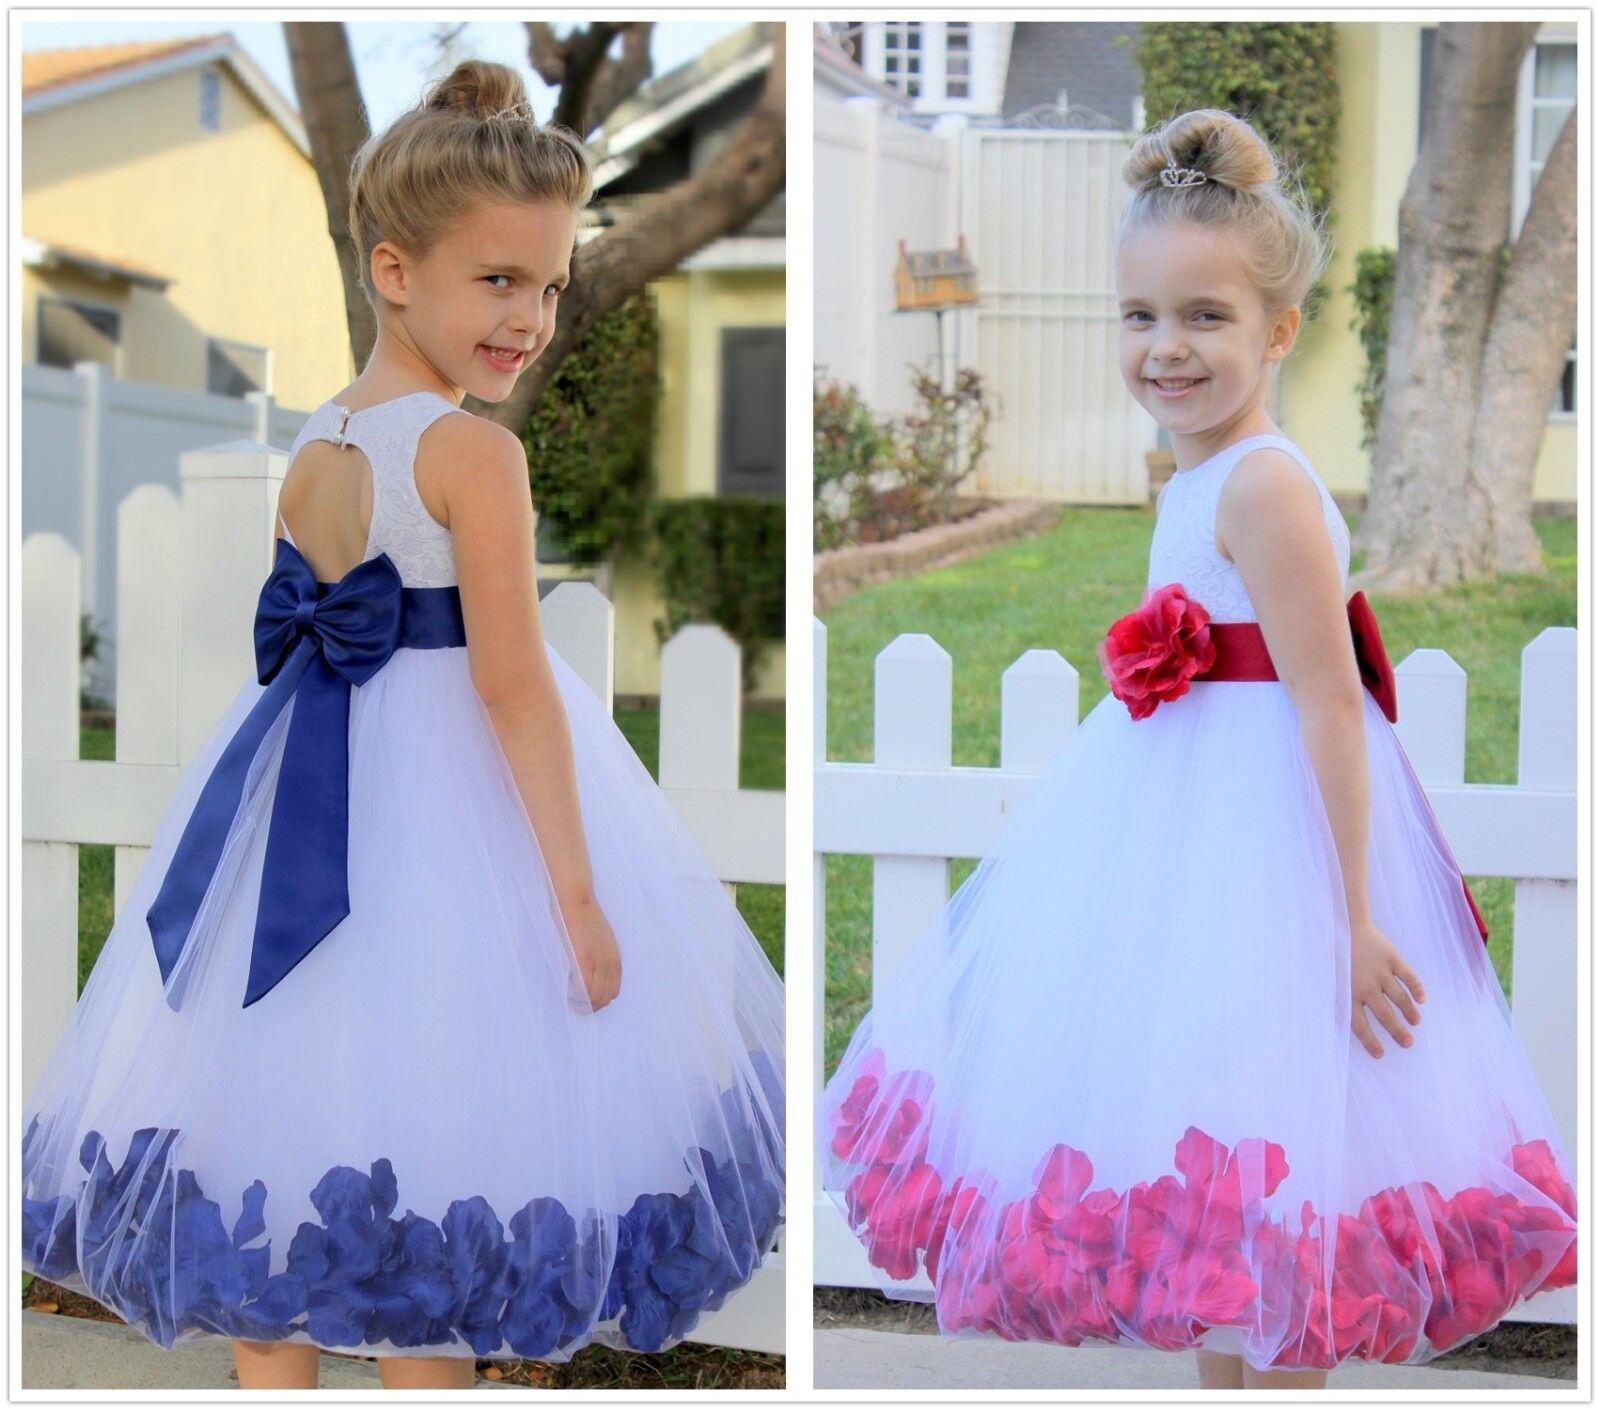 New Floral Lace Rose Petals Flower Girl Dress Toddler Dress Baptism dresses 185T